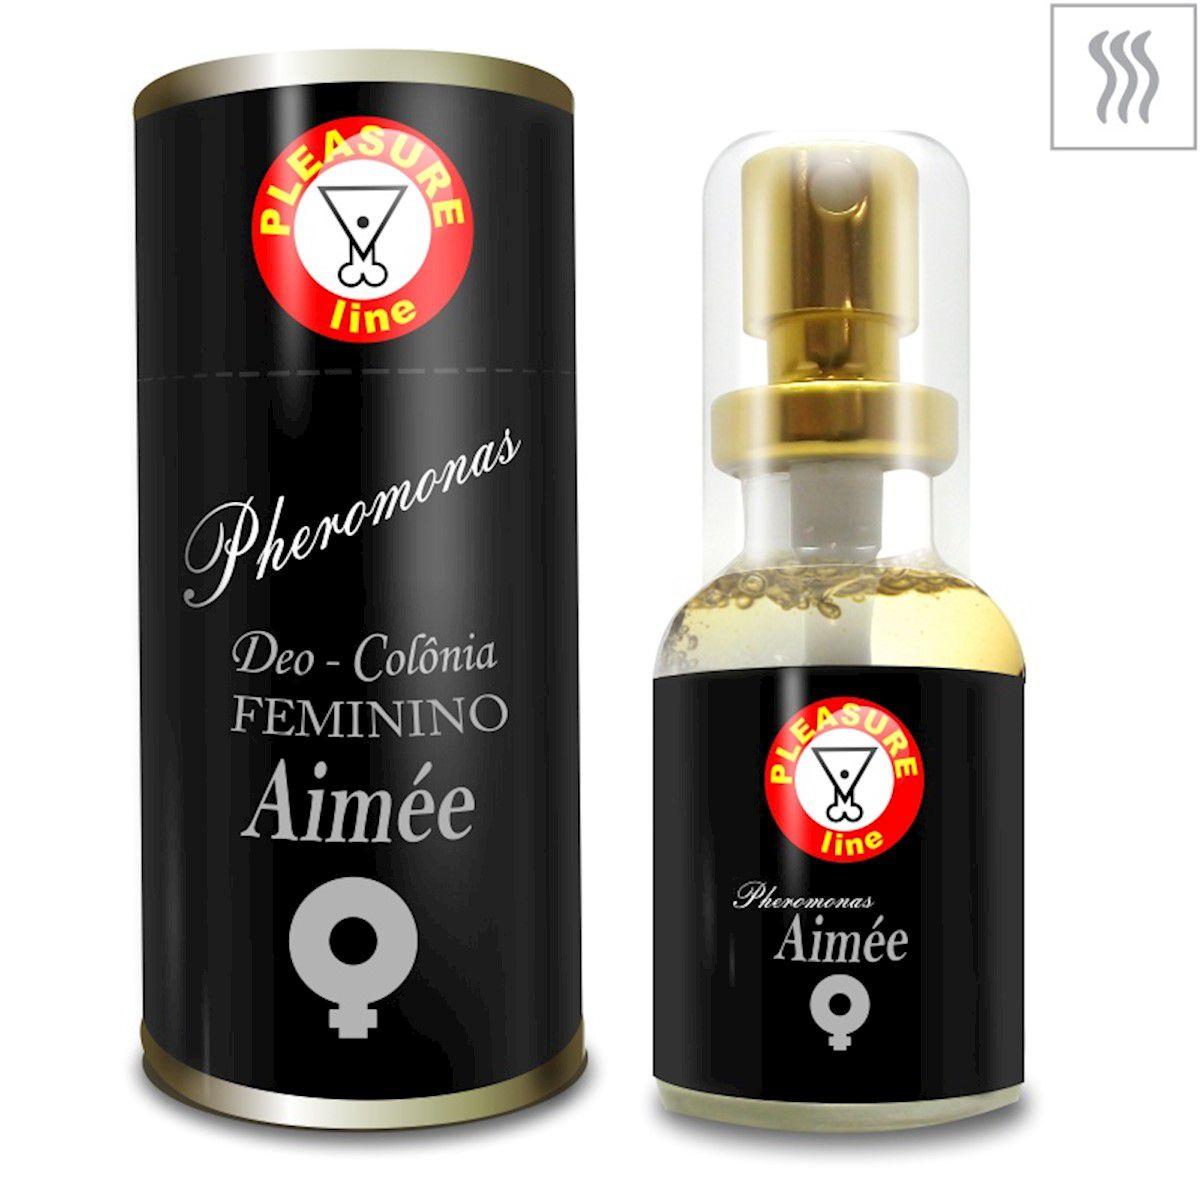 Perfume Afrodisíaco Feminino Ast, Aimee e Jade 1 unid 20ml Pleasure Line